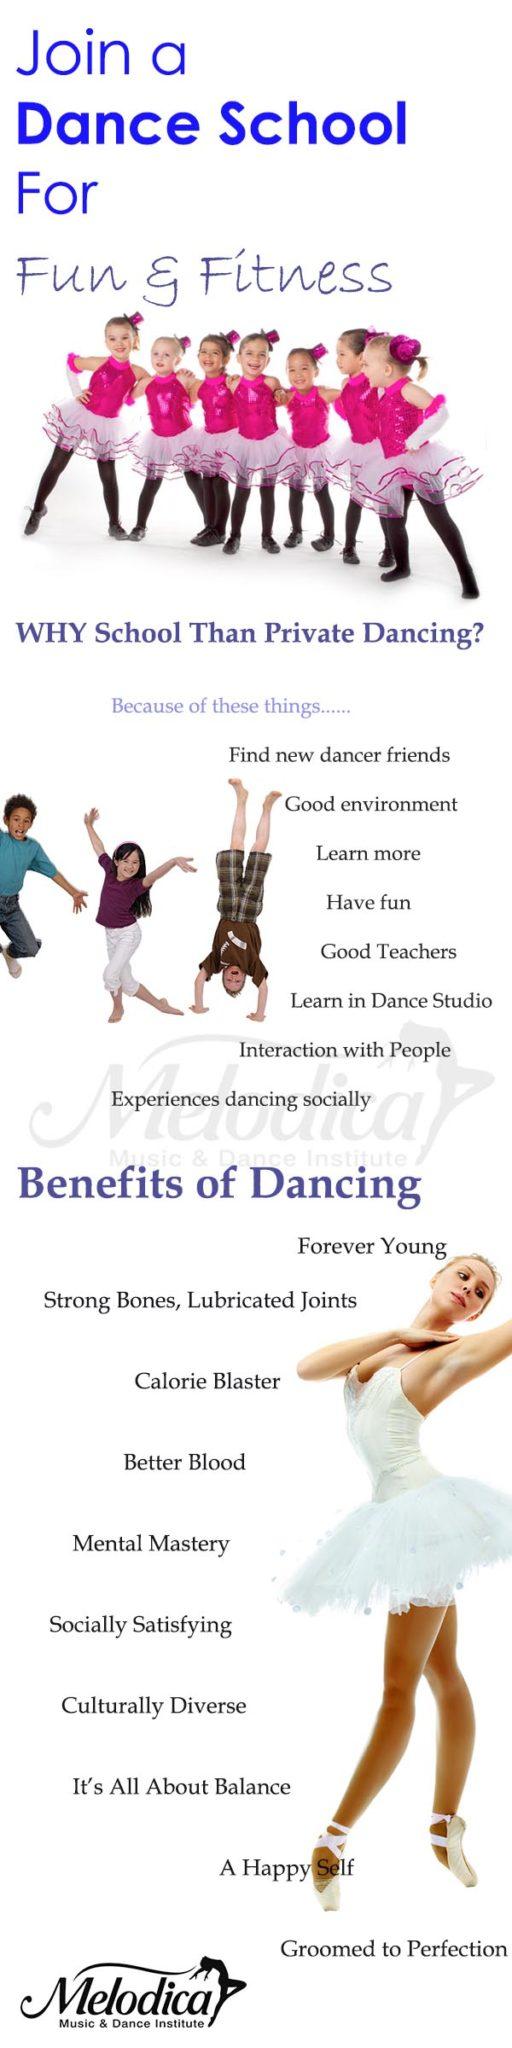 benefits of dance school - Join dancing school for fun and joy